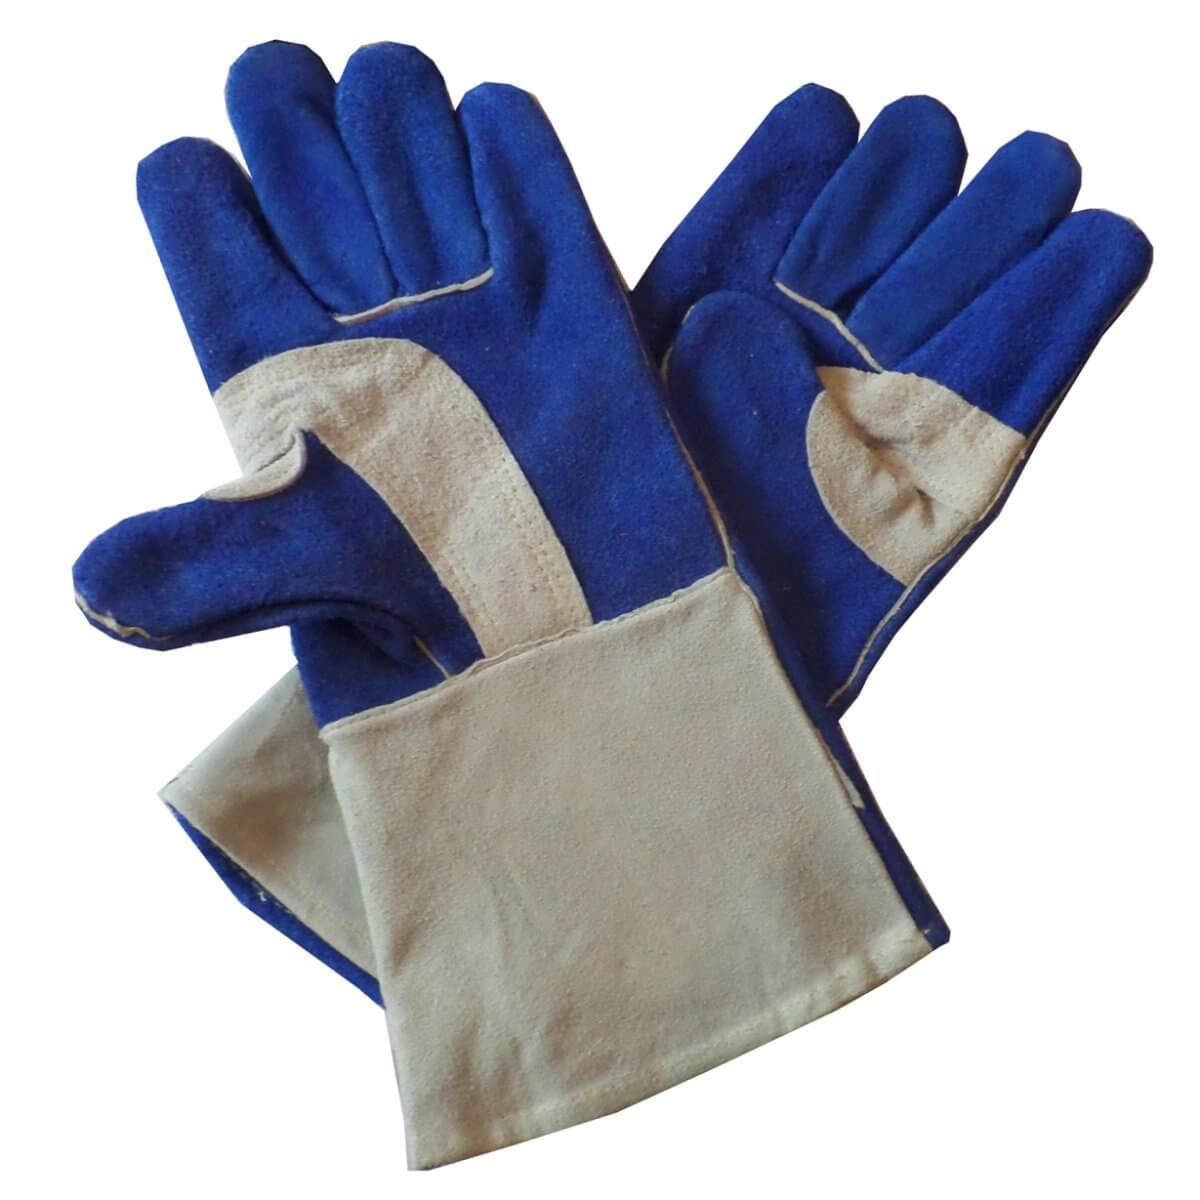 gants de soudeur 150 c bleu. Black Bedroom Furniture Sets. Home Design Ideas